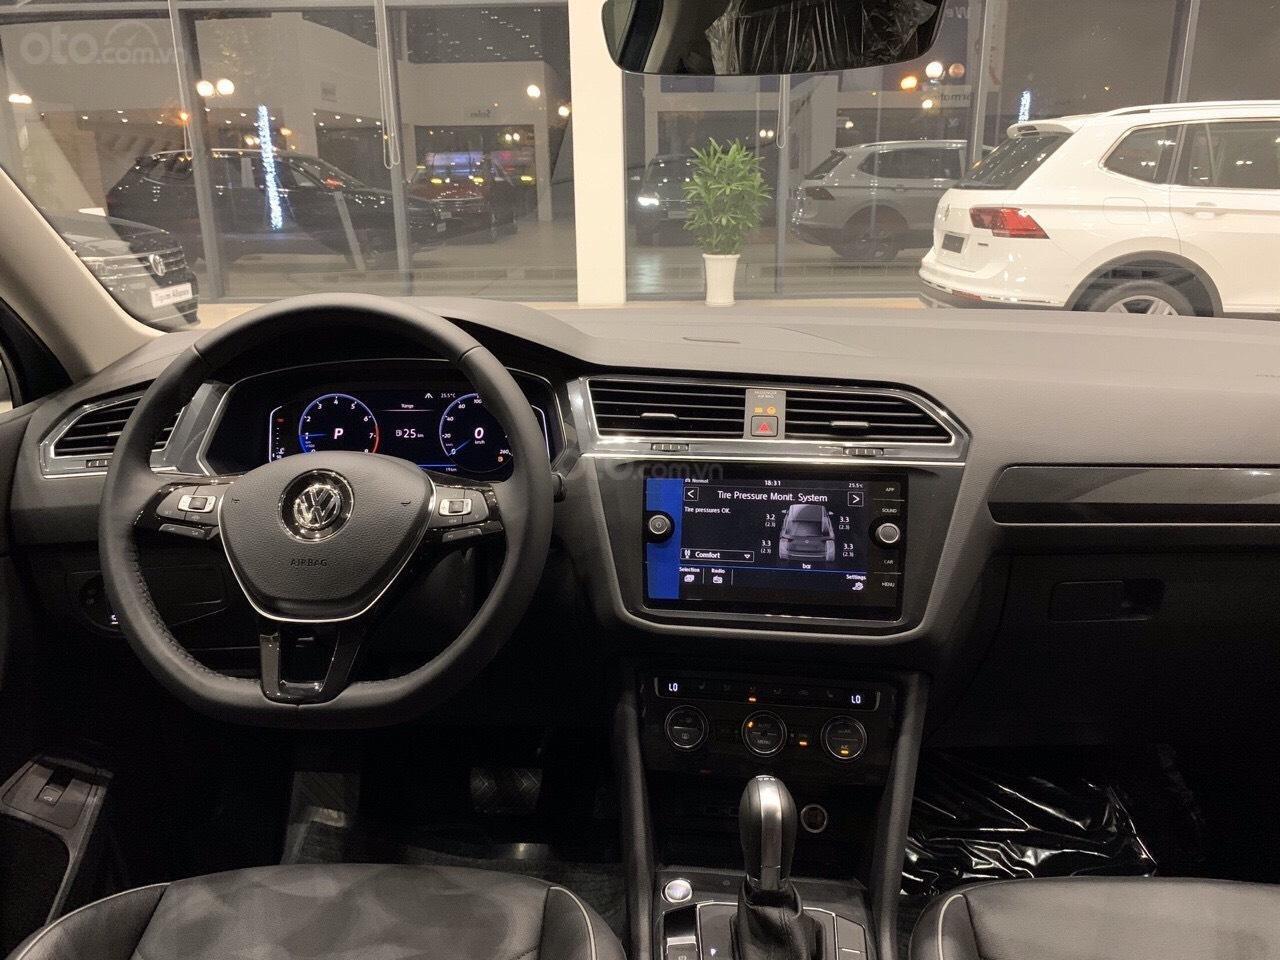 Vw Tiguan Luxury S Màu xanh Petro xe nhập 100% hiếm có - độc lạ - Có sẵn giao ngay - Ngân hàng 80% (6)